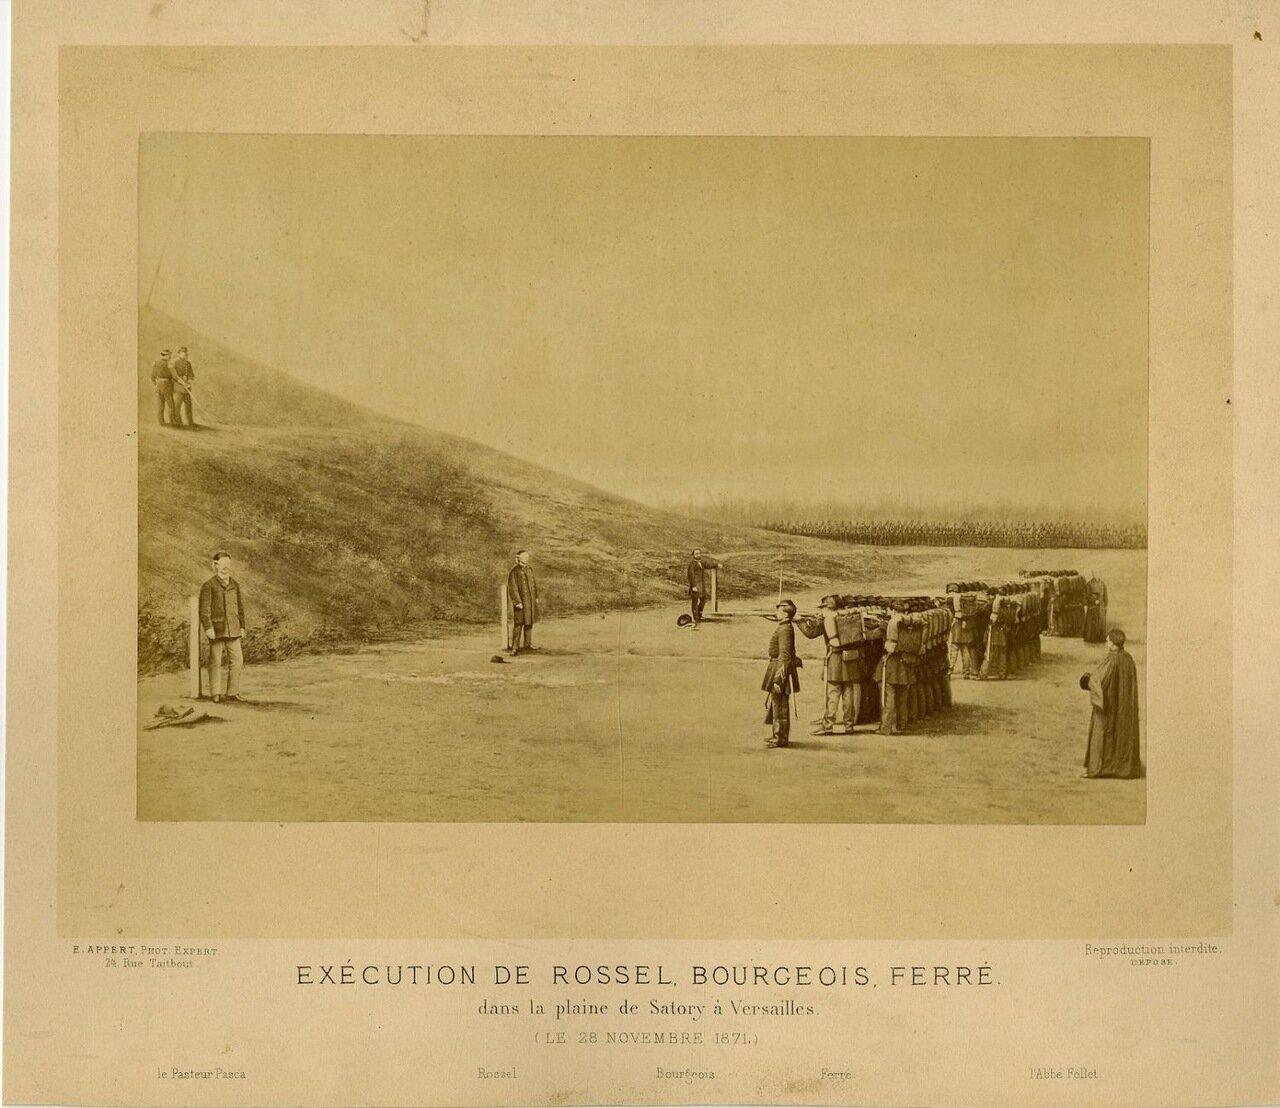 Казнь Росселя, Буржуа и Ферре 28 ноября 1871 г., Расстрел лидеров коммунаров Теофиля Ферре, Росселя и Буржуа на поле Саториде. 28 ноября 1871